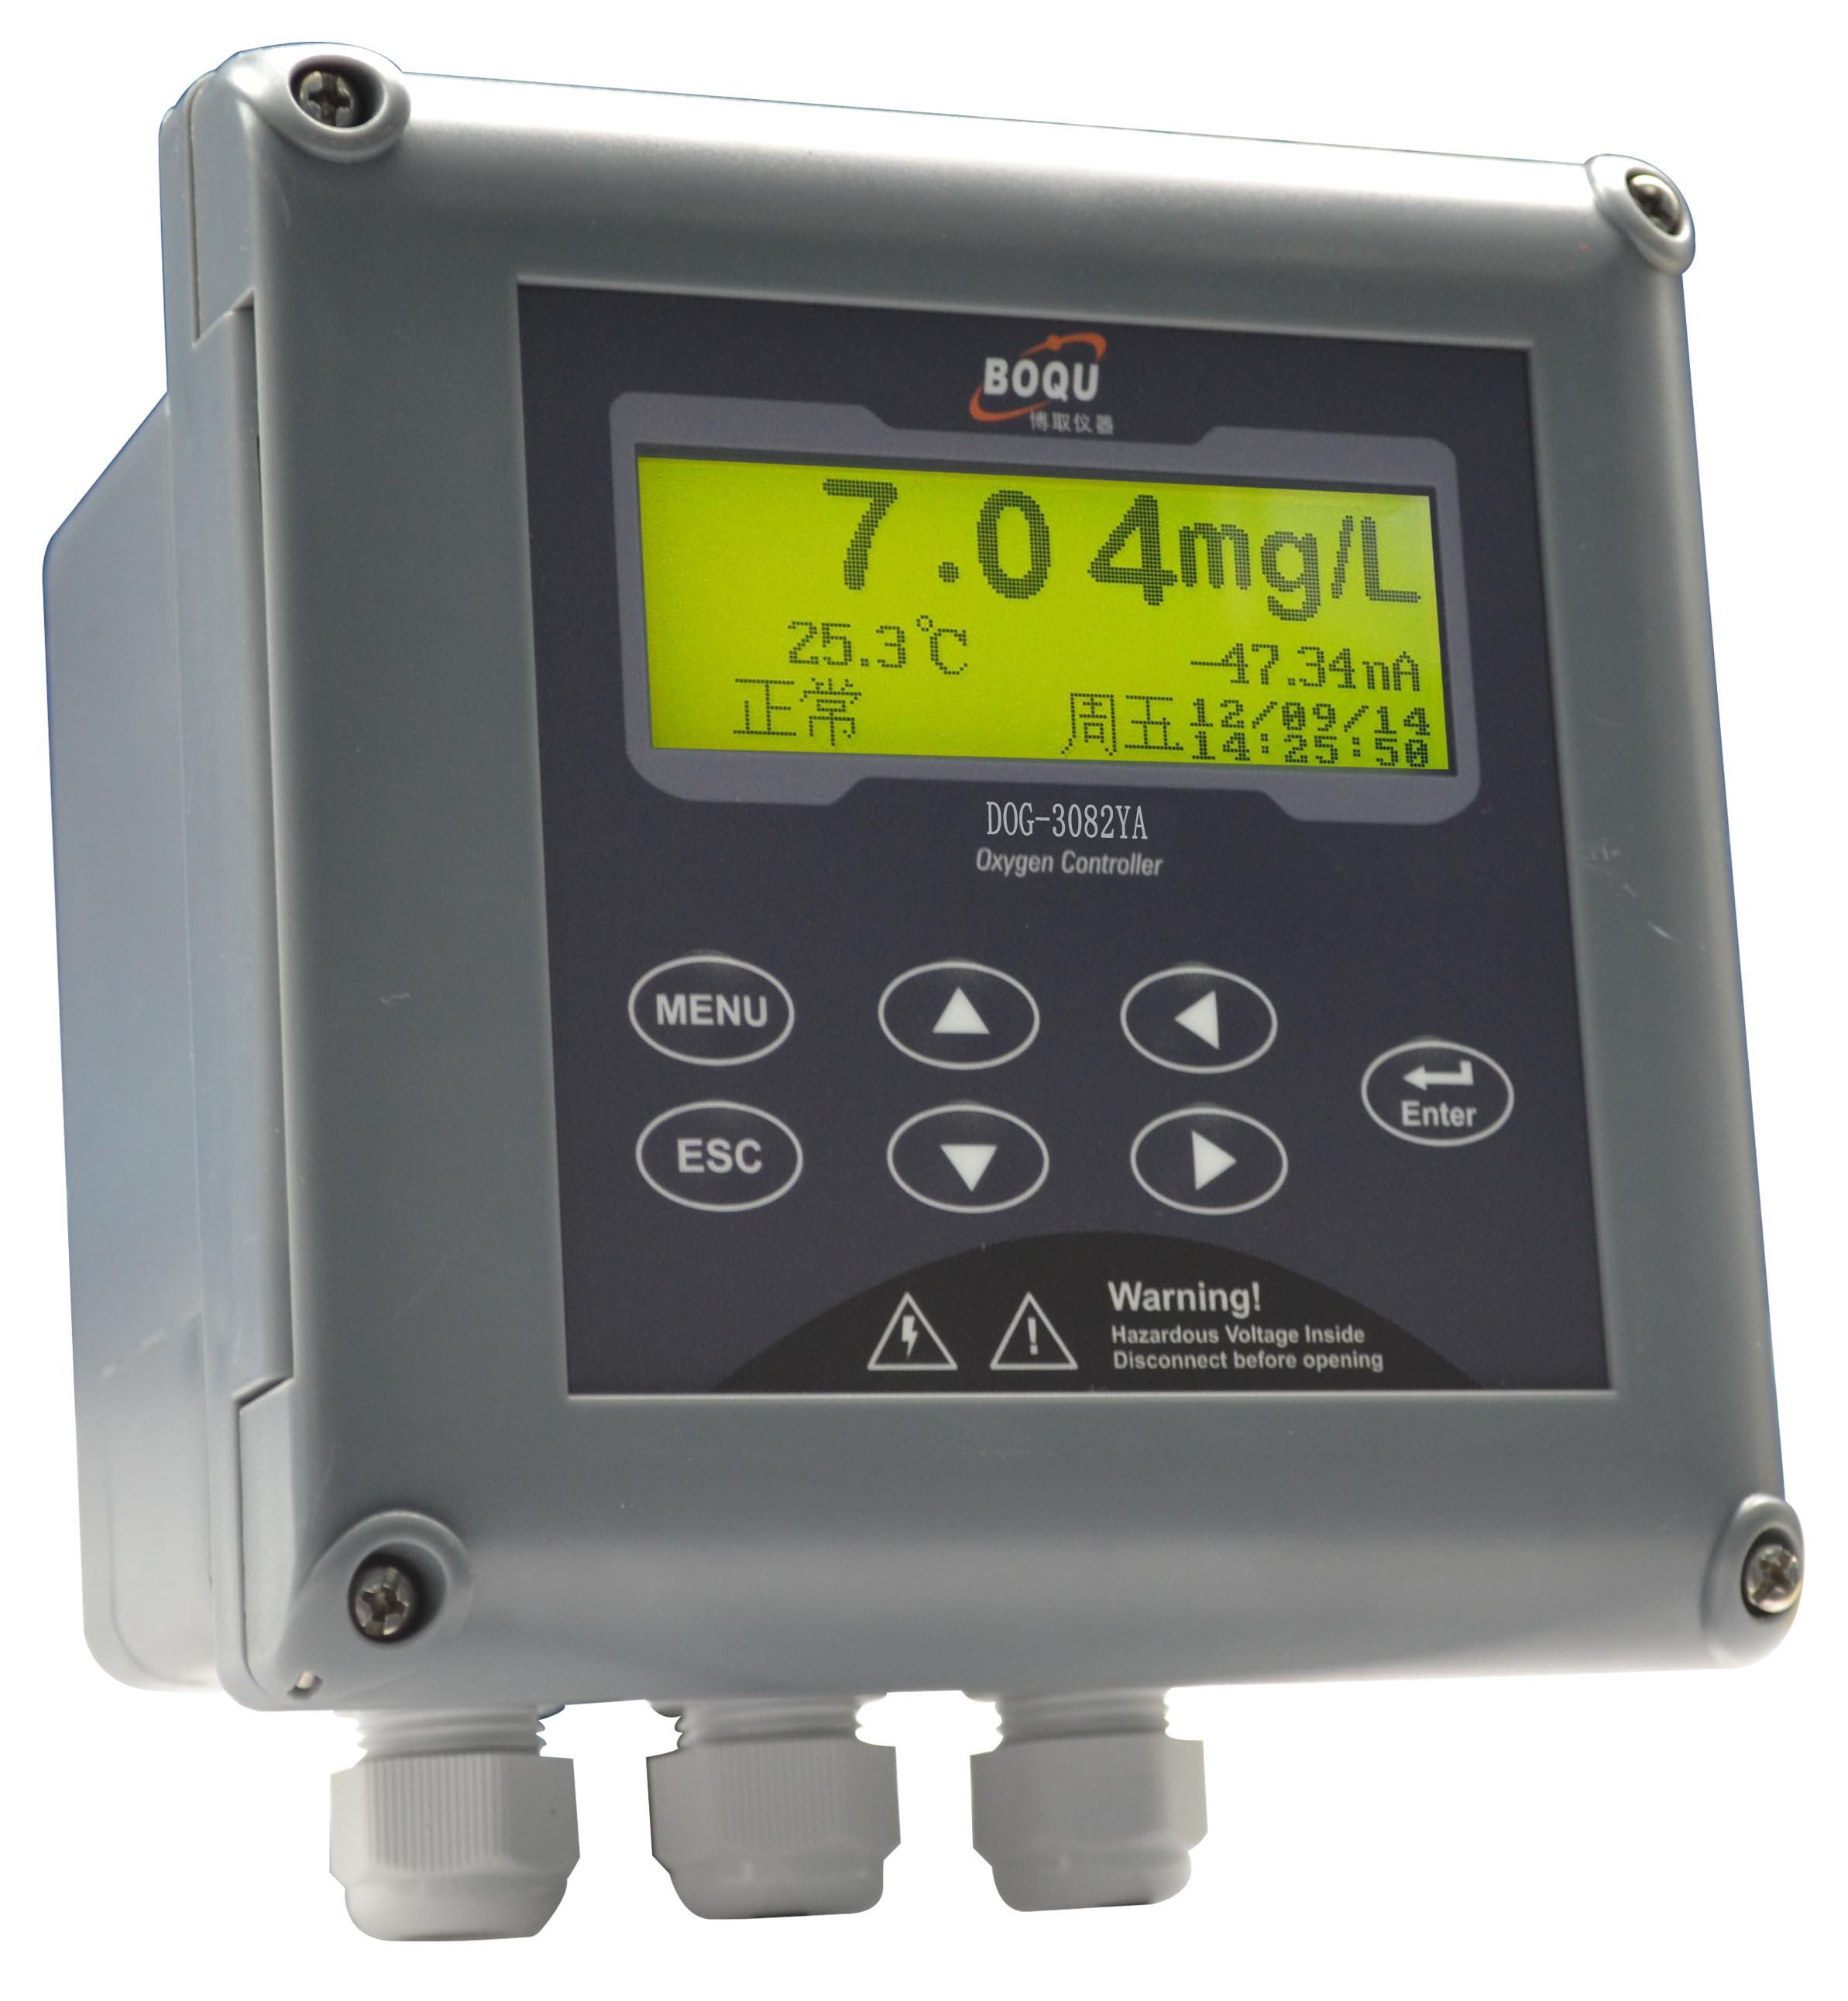 供应厂家直销在线荧光法溶解氧仪 原理  DOG-3082YA型